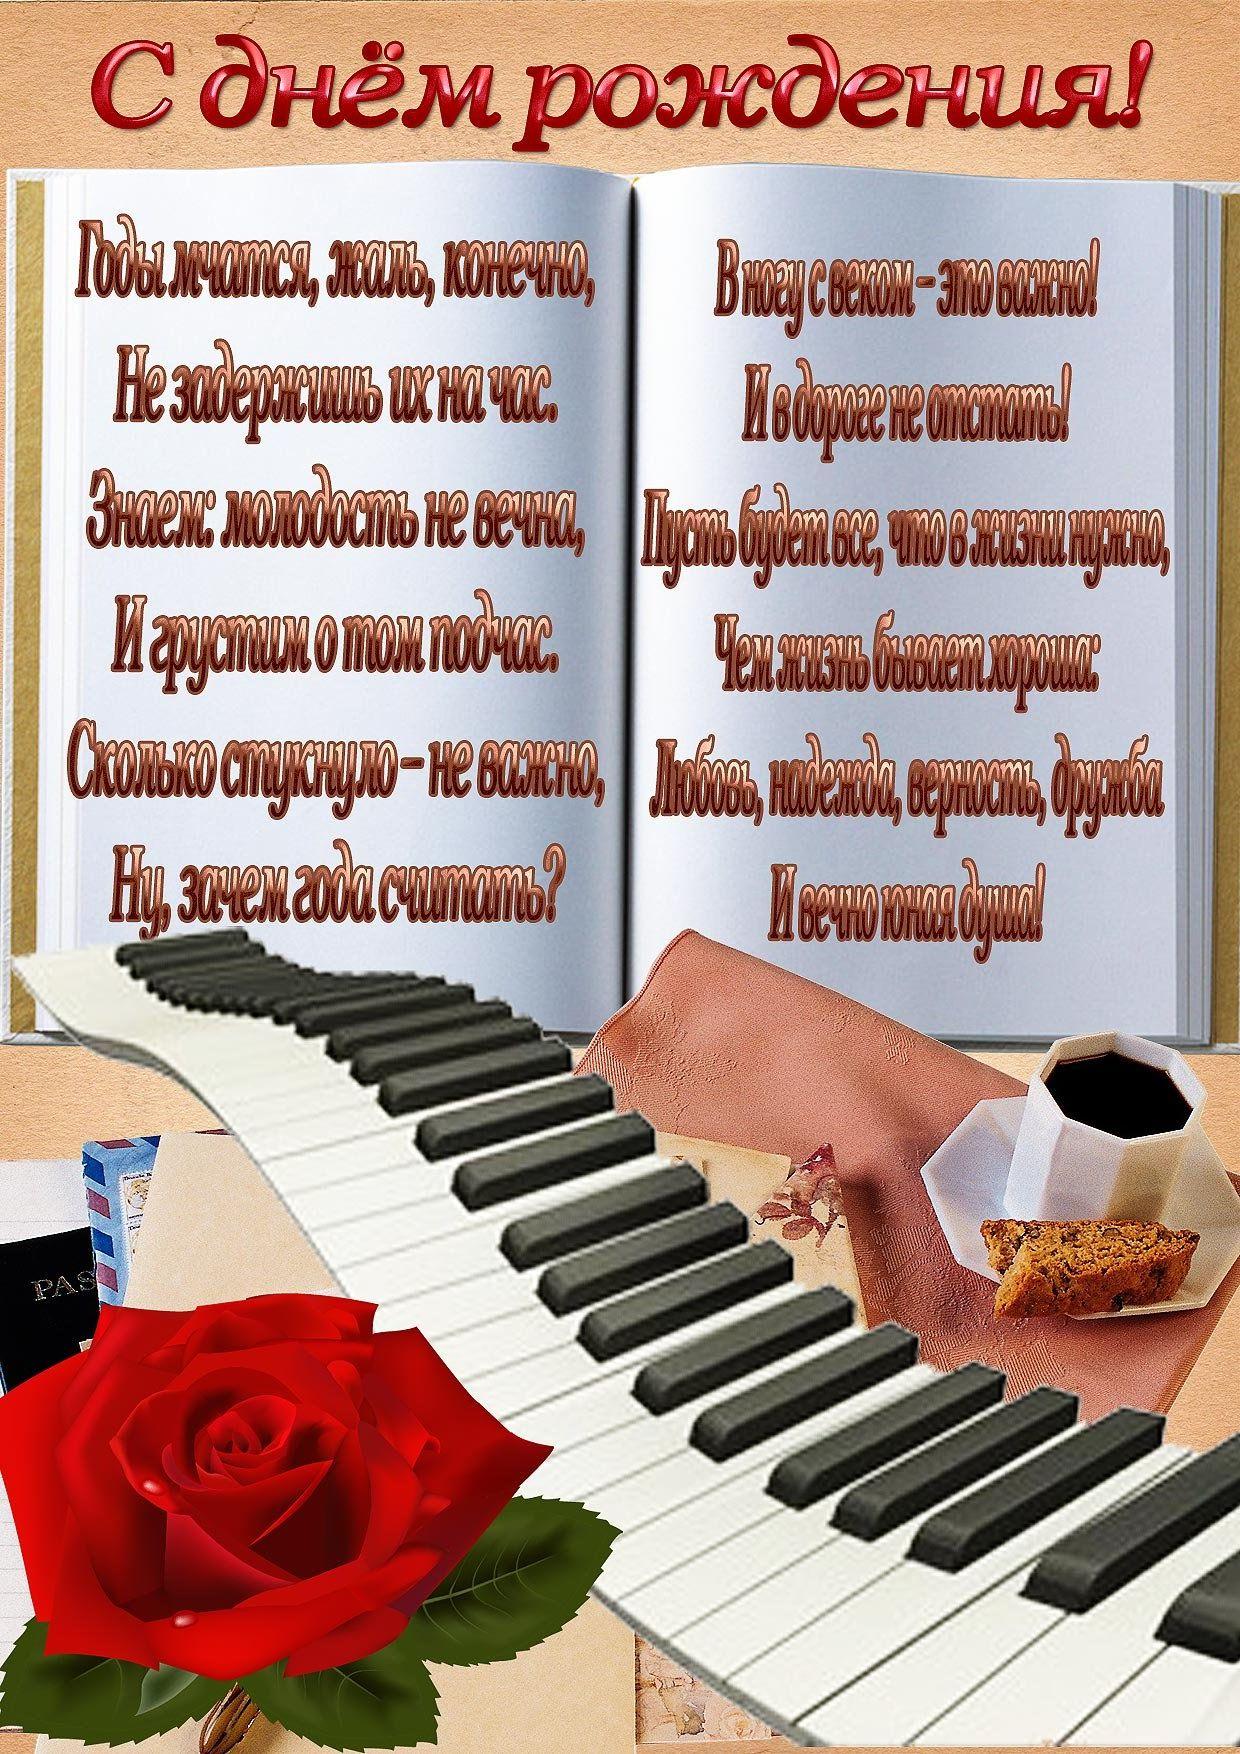 поздравление певице в стихах красивые одном